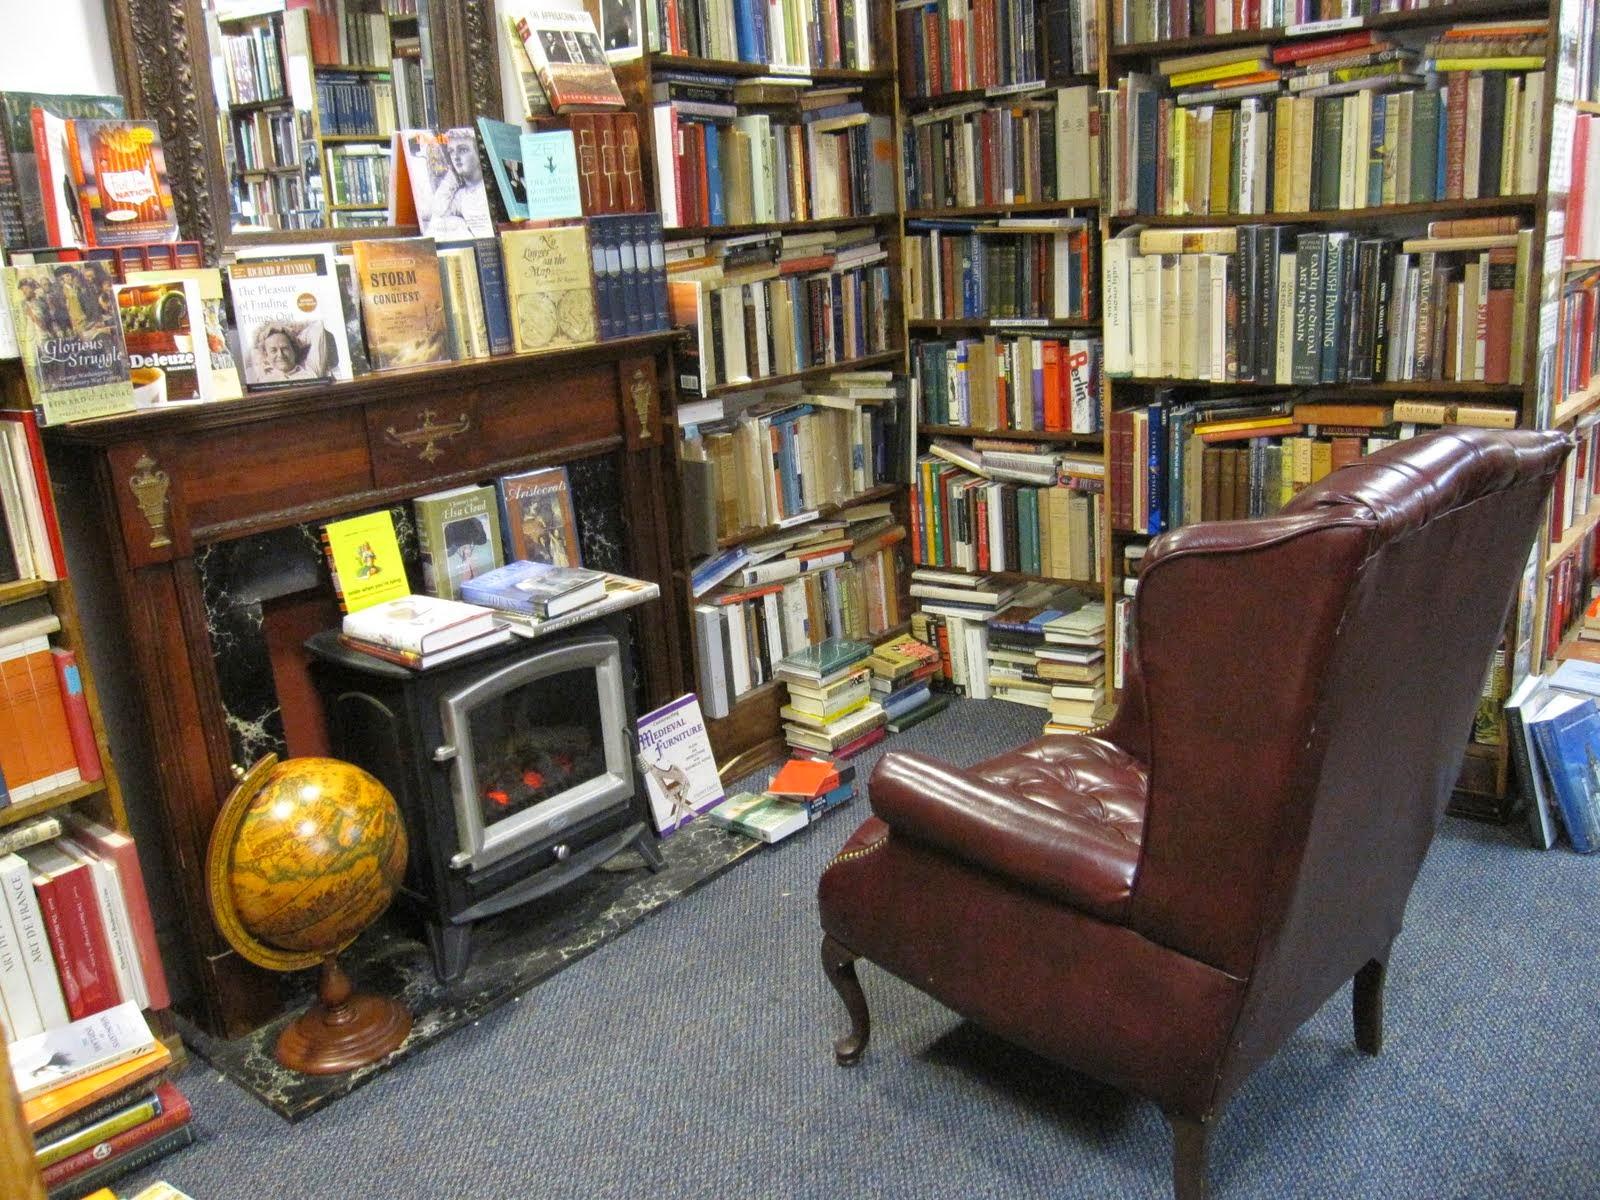 Commonwealth Books in Boston